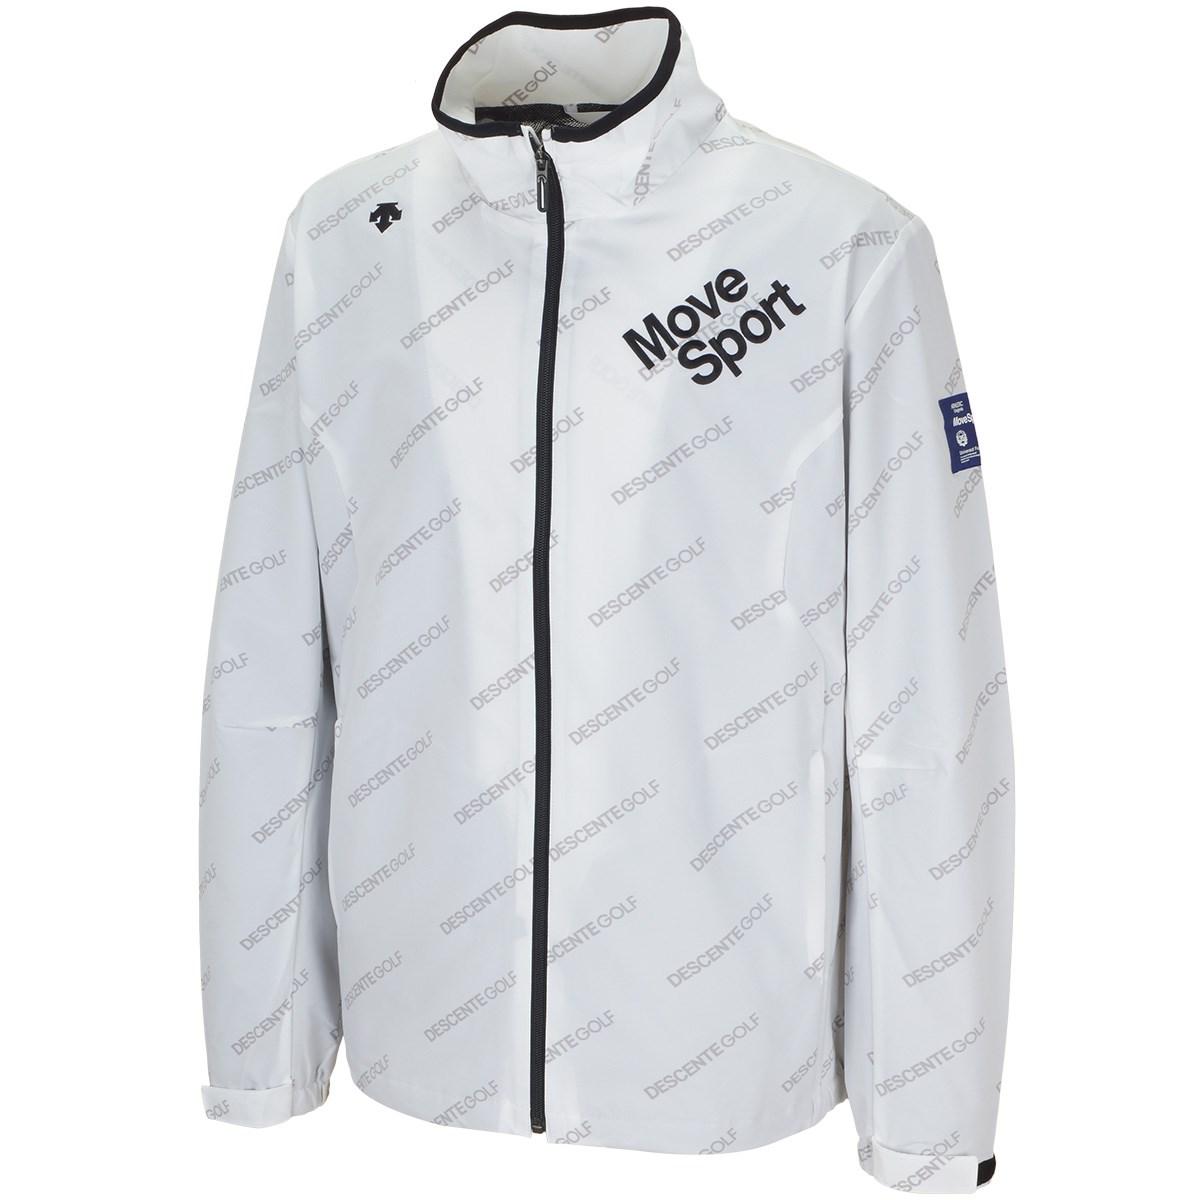 デサントゴルフ DESCENTE GOLF BLUELABEL 4WAYソロストレッチライジングロゴプリントジャケット M ホワイト 00